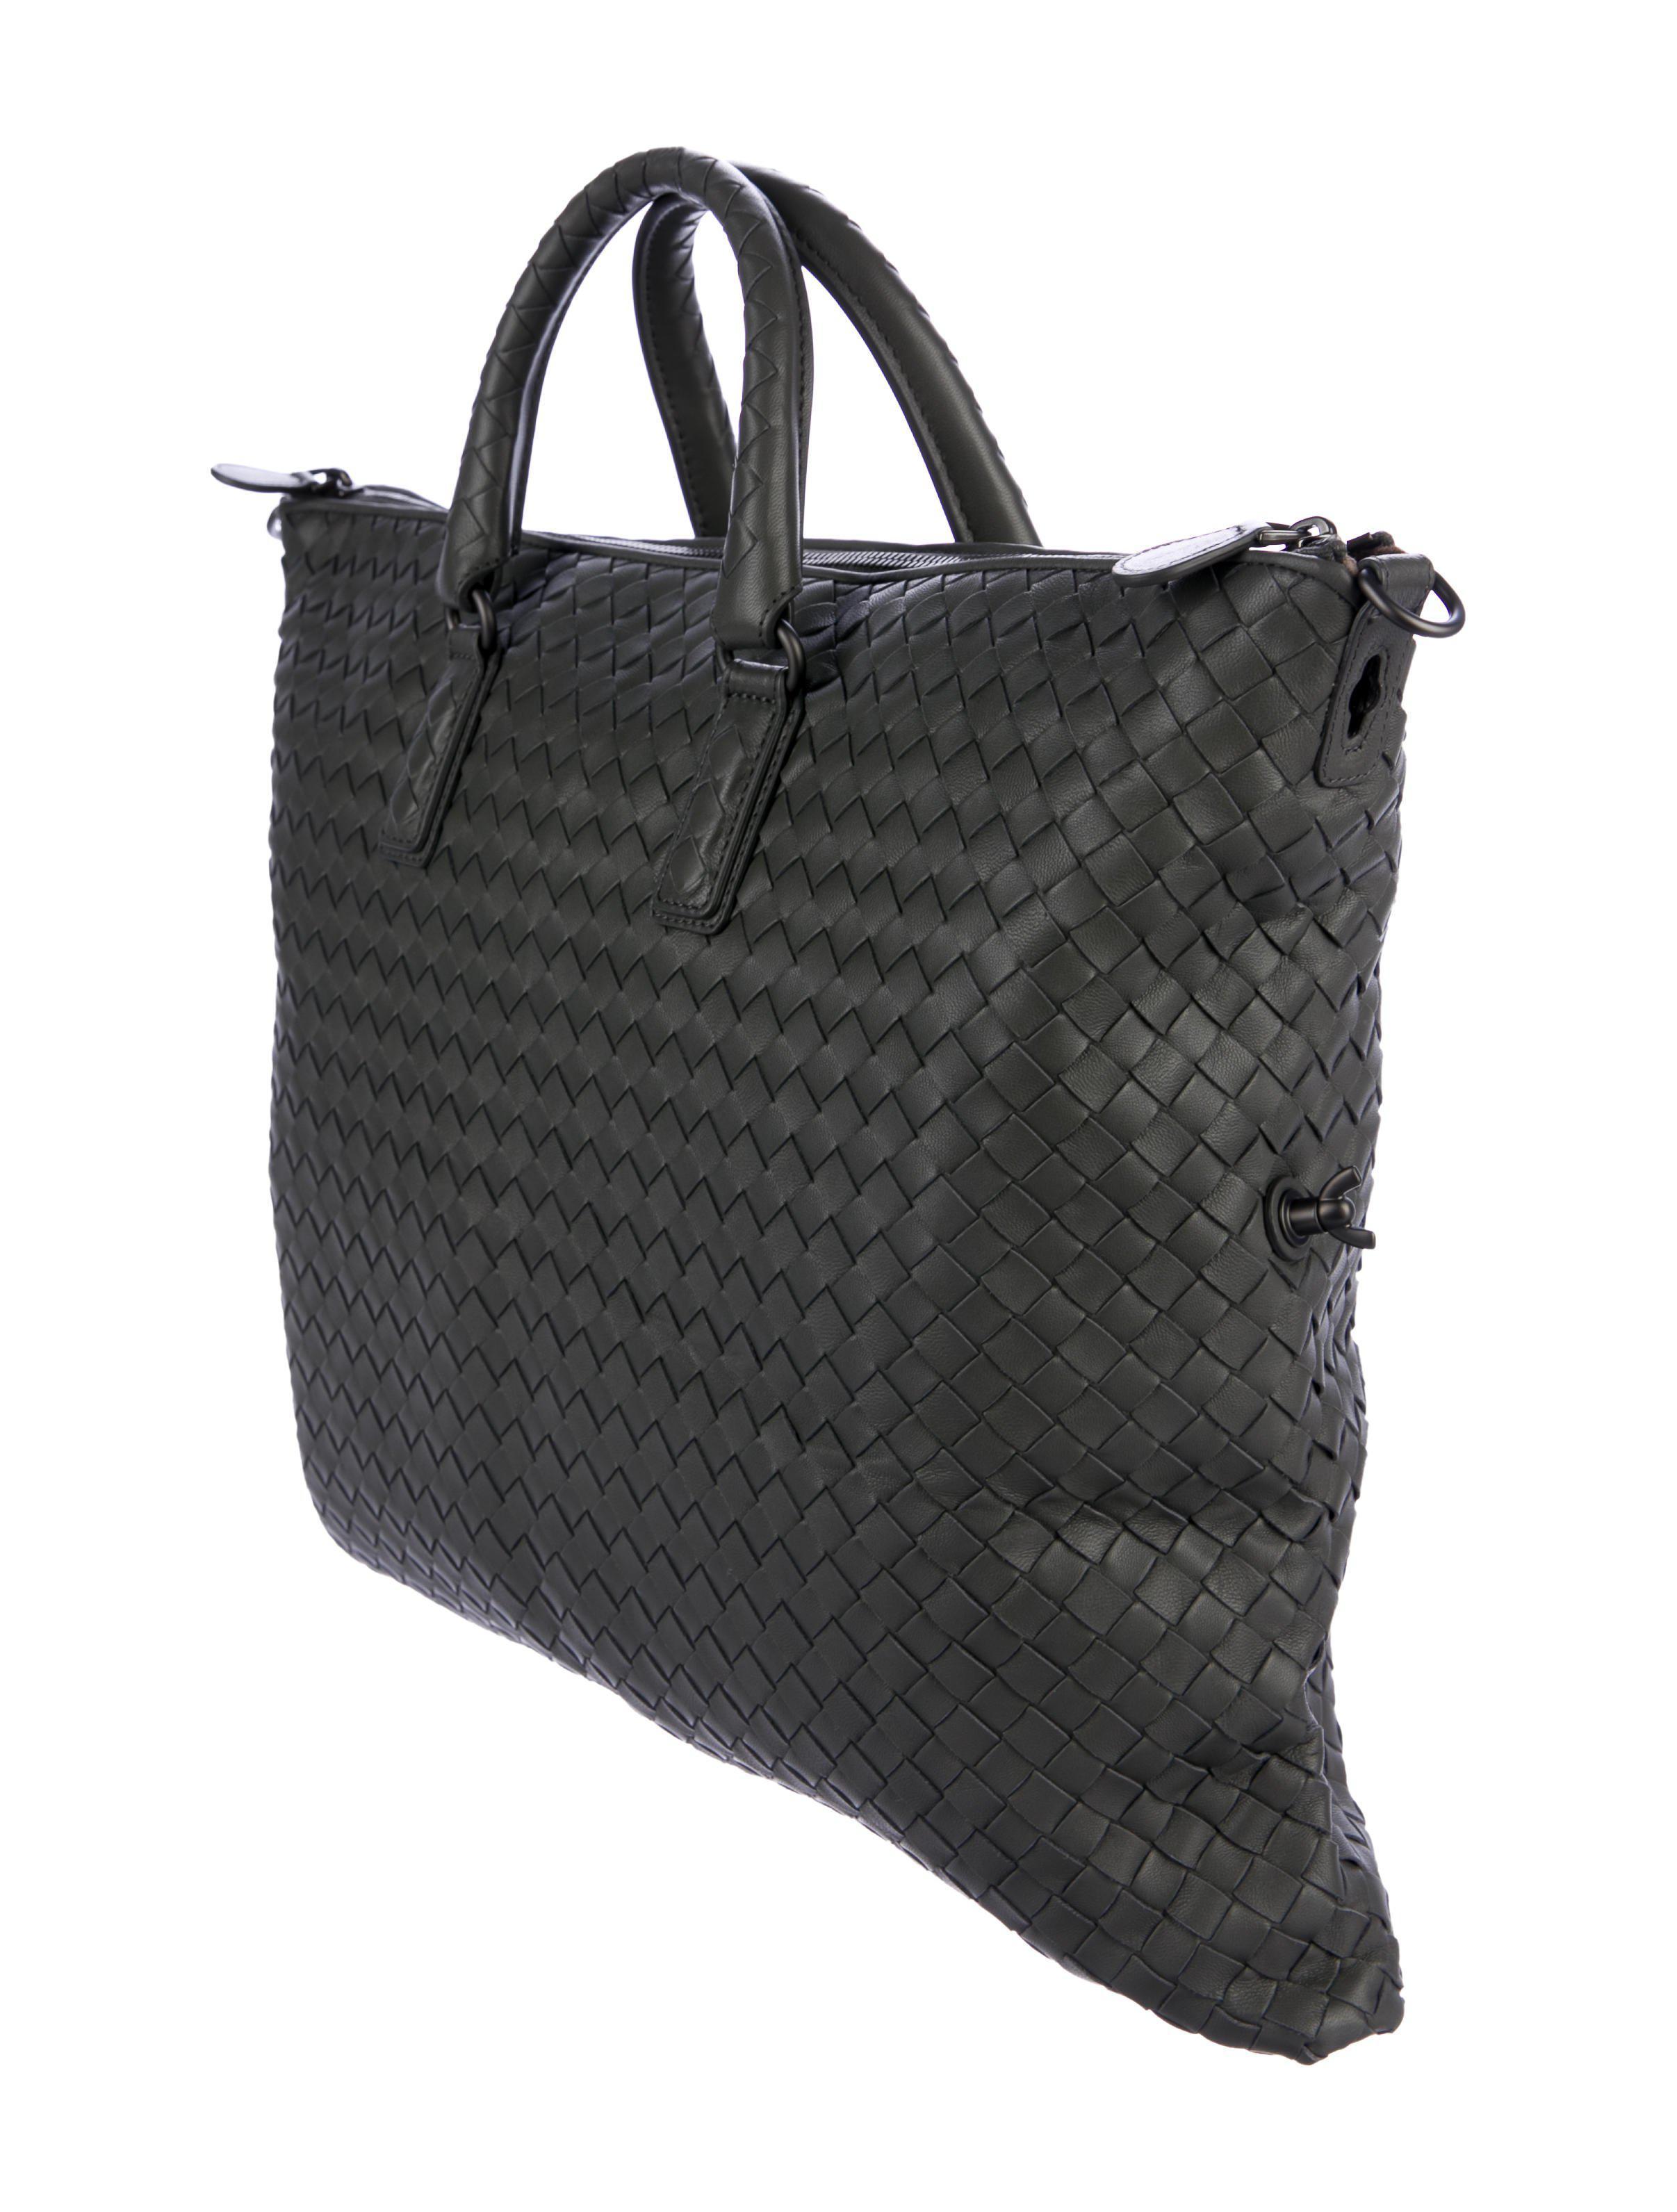 Lyst - Bottega Veneta Intrecciato Convertible Bag W  Tags Grey in Gray 4145a8d5d85d8